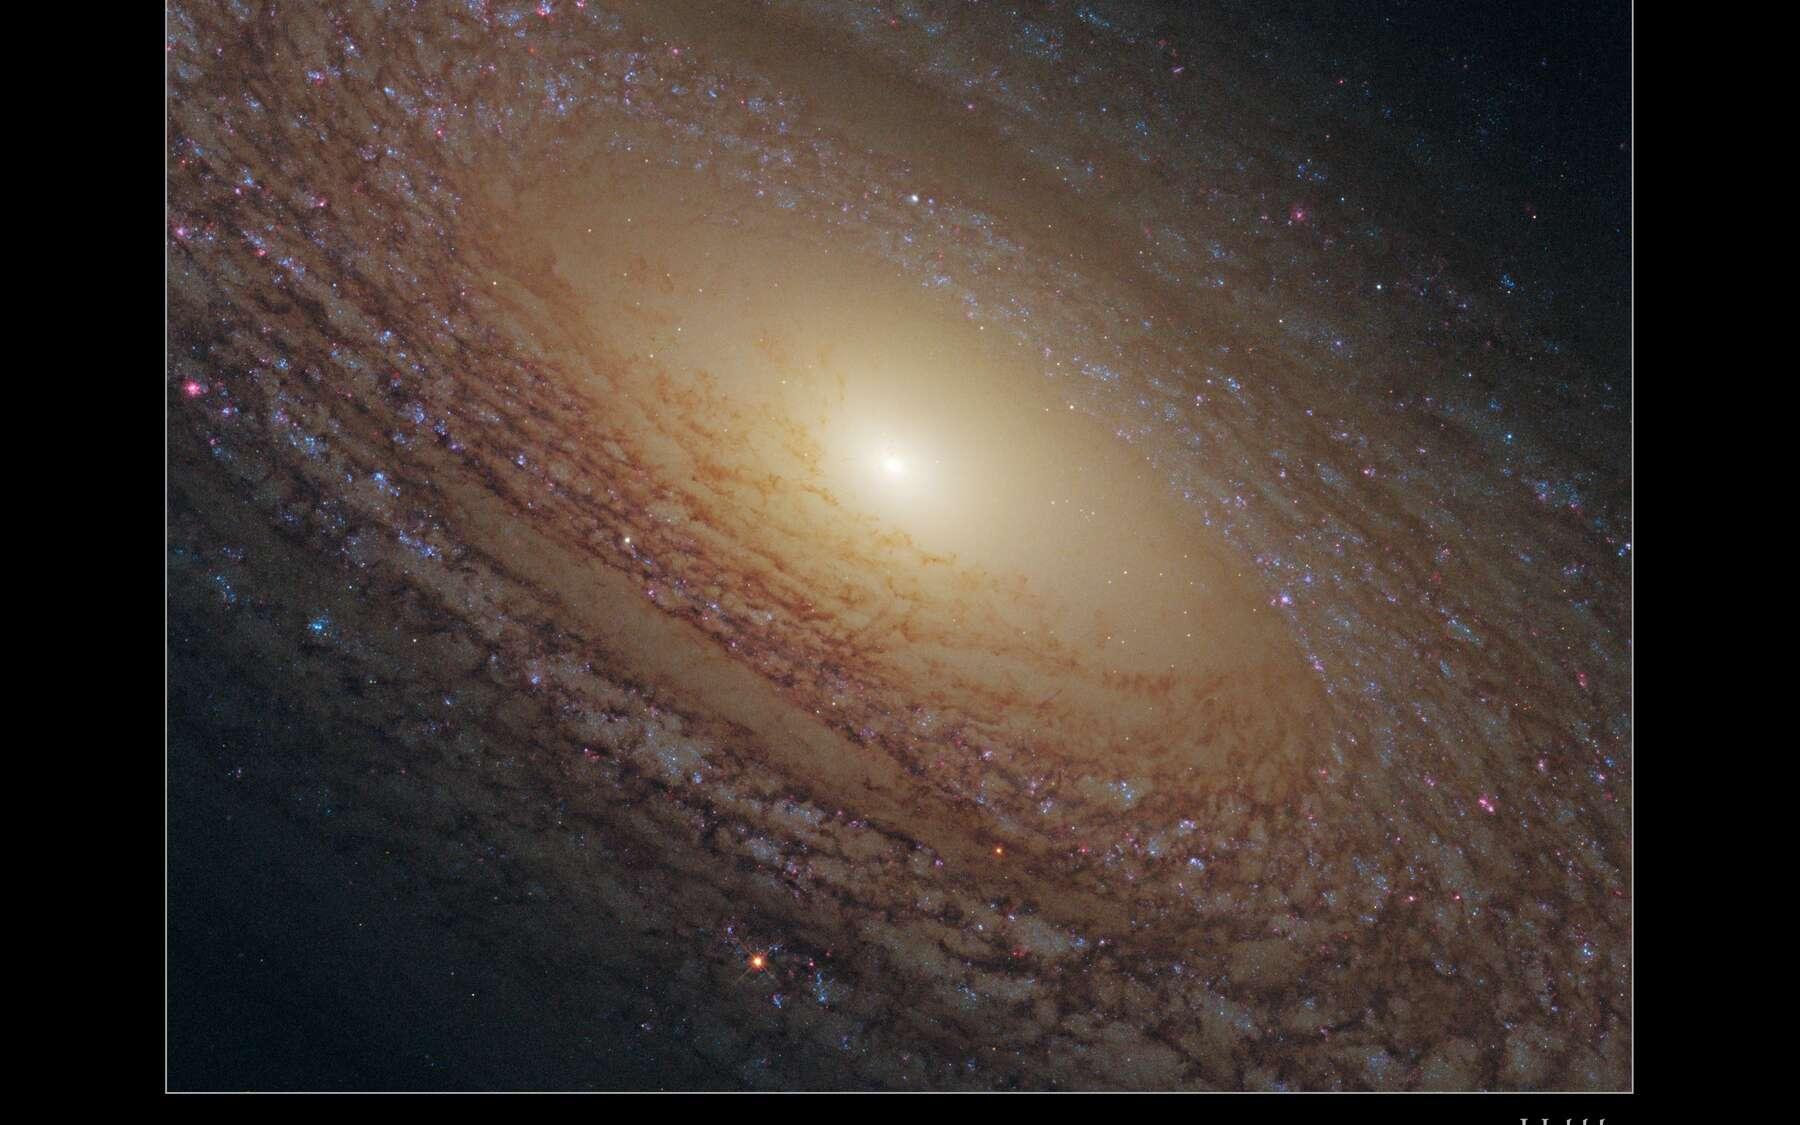 NGC 2841, une galaxie pauvre en pouponnières d'étoiles. © Nasa, Esa, the Hubble Heritage (STScI/AURA)-Esa/Hubble Collaboration